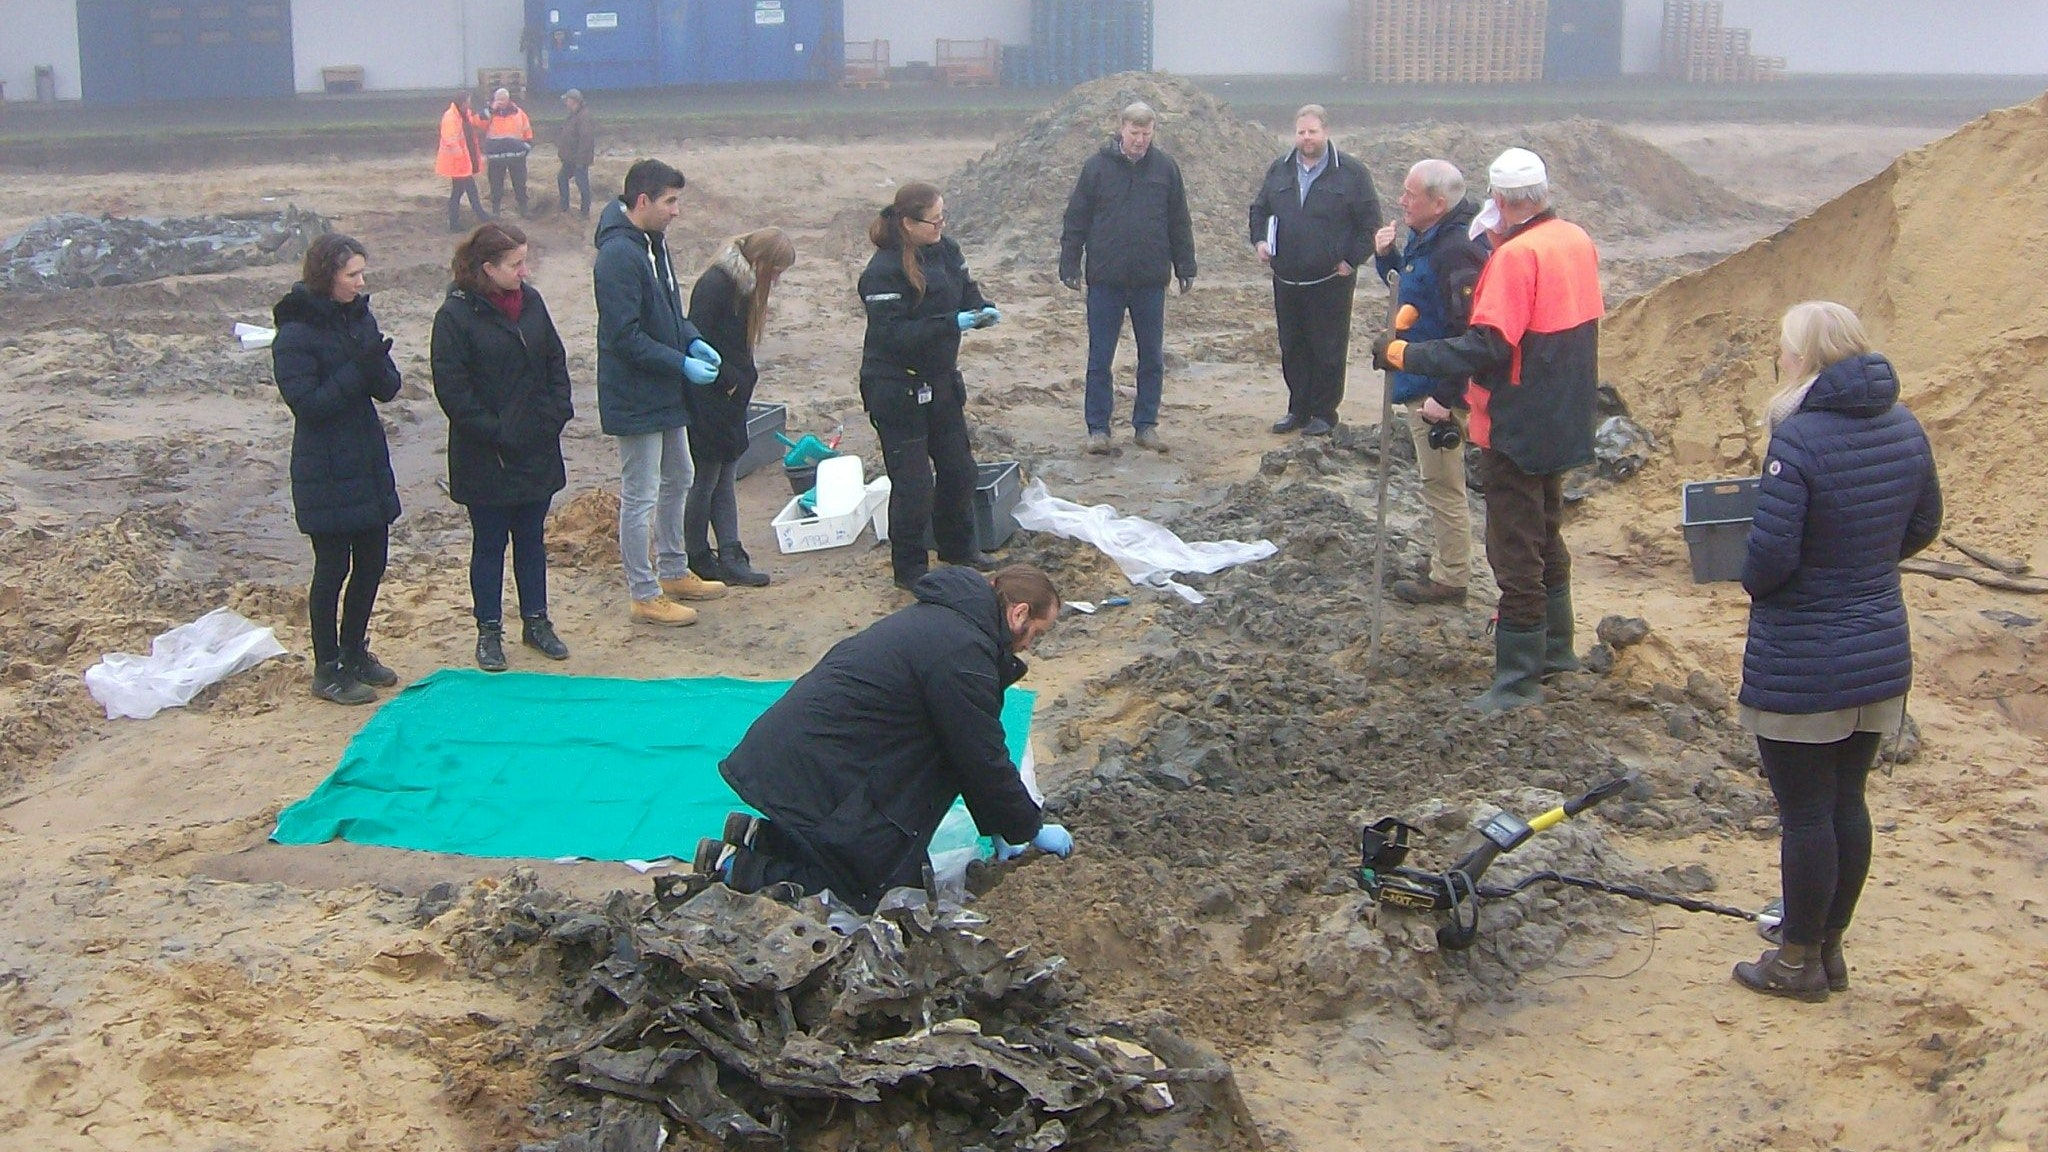 Historischer Fund im Industriegebiet Vechta-West: Neben den Überresten eines britischen Bombers wurden auch menschliche Knochen entdeckt. Die Identität konnte nun durch einen DNA-Verglich geklärt werden. Das Opfer war Henry Pullar. Archivfoto: Zeisler